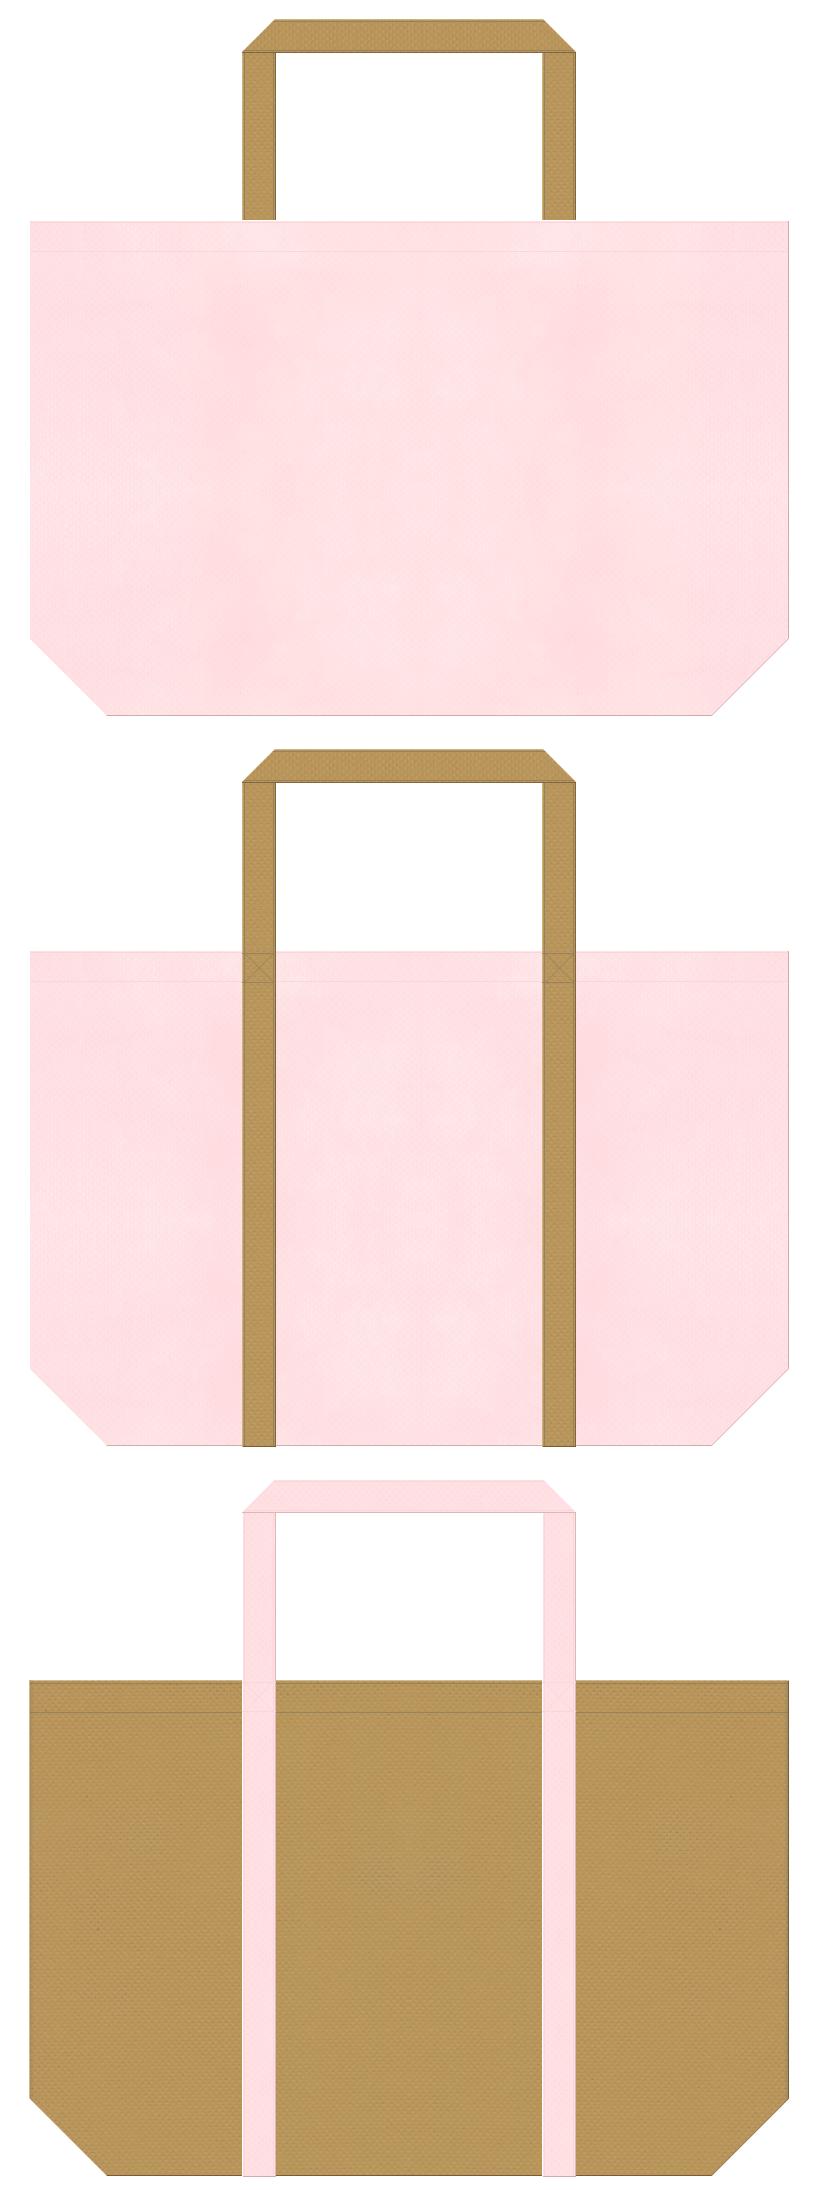 桜色と金黄土色の不織布バッグデザイン。ガーリーファッションのショッピングバッグにお奨めです。